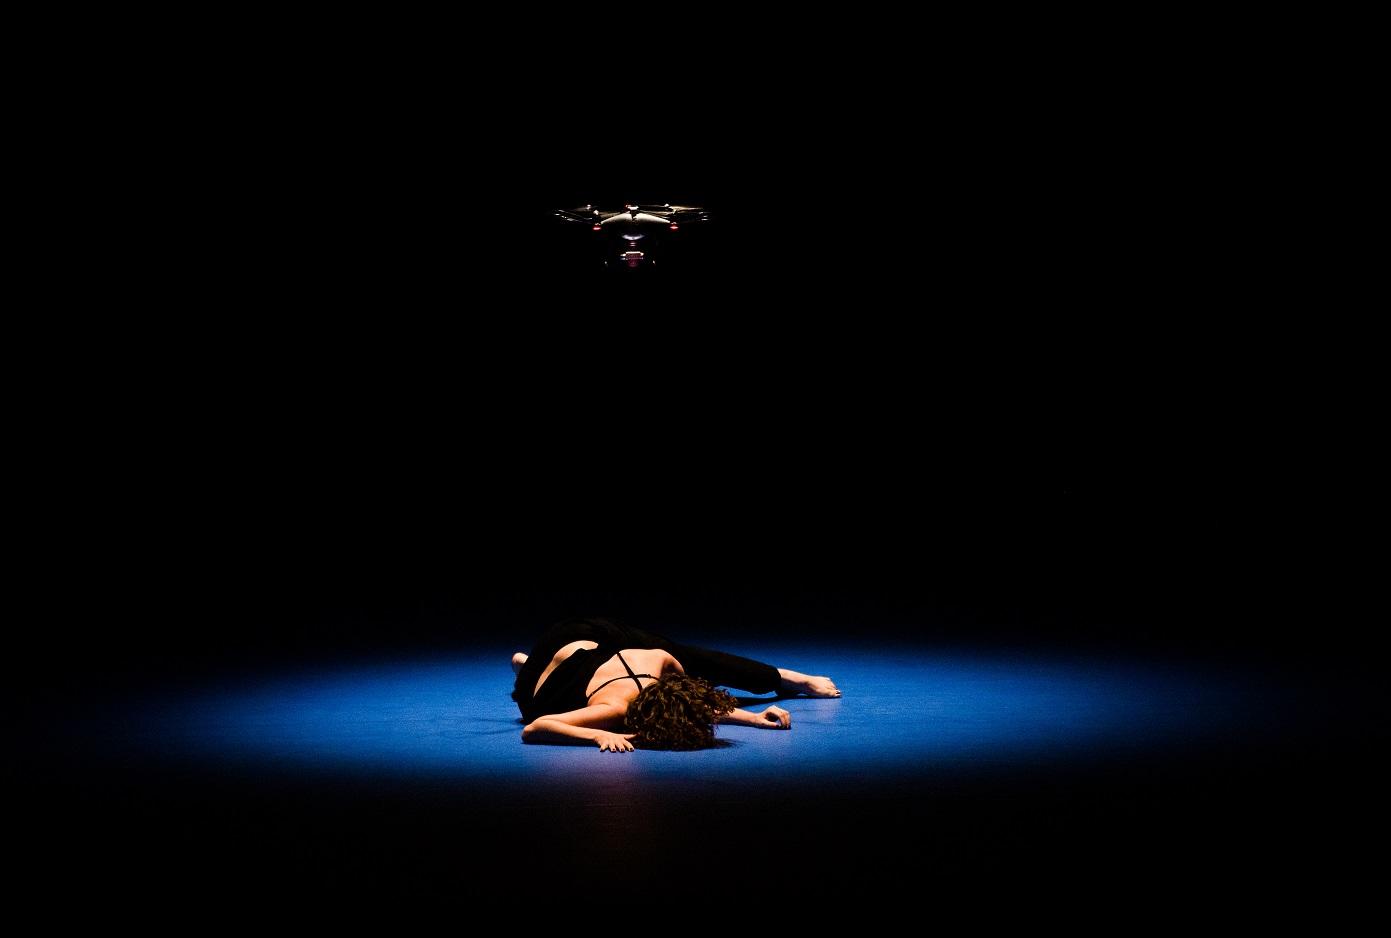 Photo issue du spectacle de danse contemporaine Minaret, chorégraphié par Omar Rajeh, lors de sa représentation au festival Romaeuropa 2018 (Cosimo Trimboli/avec l'aimable autorisation d'Omar Rajeh)